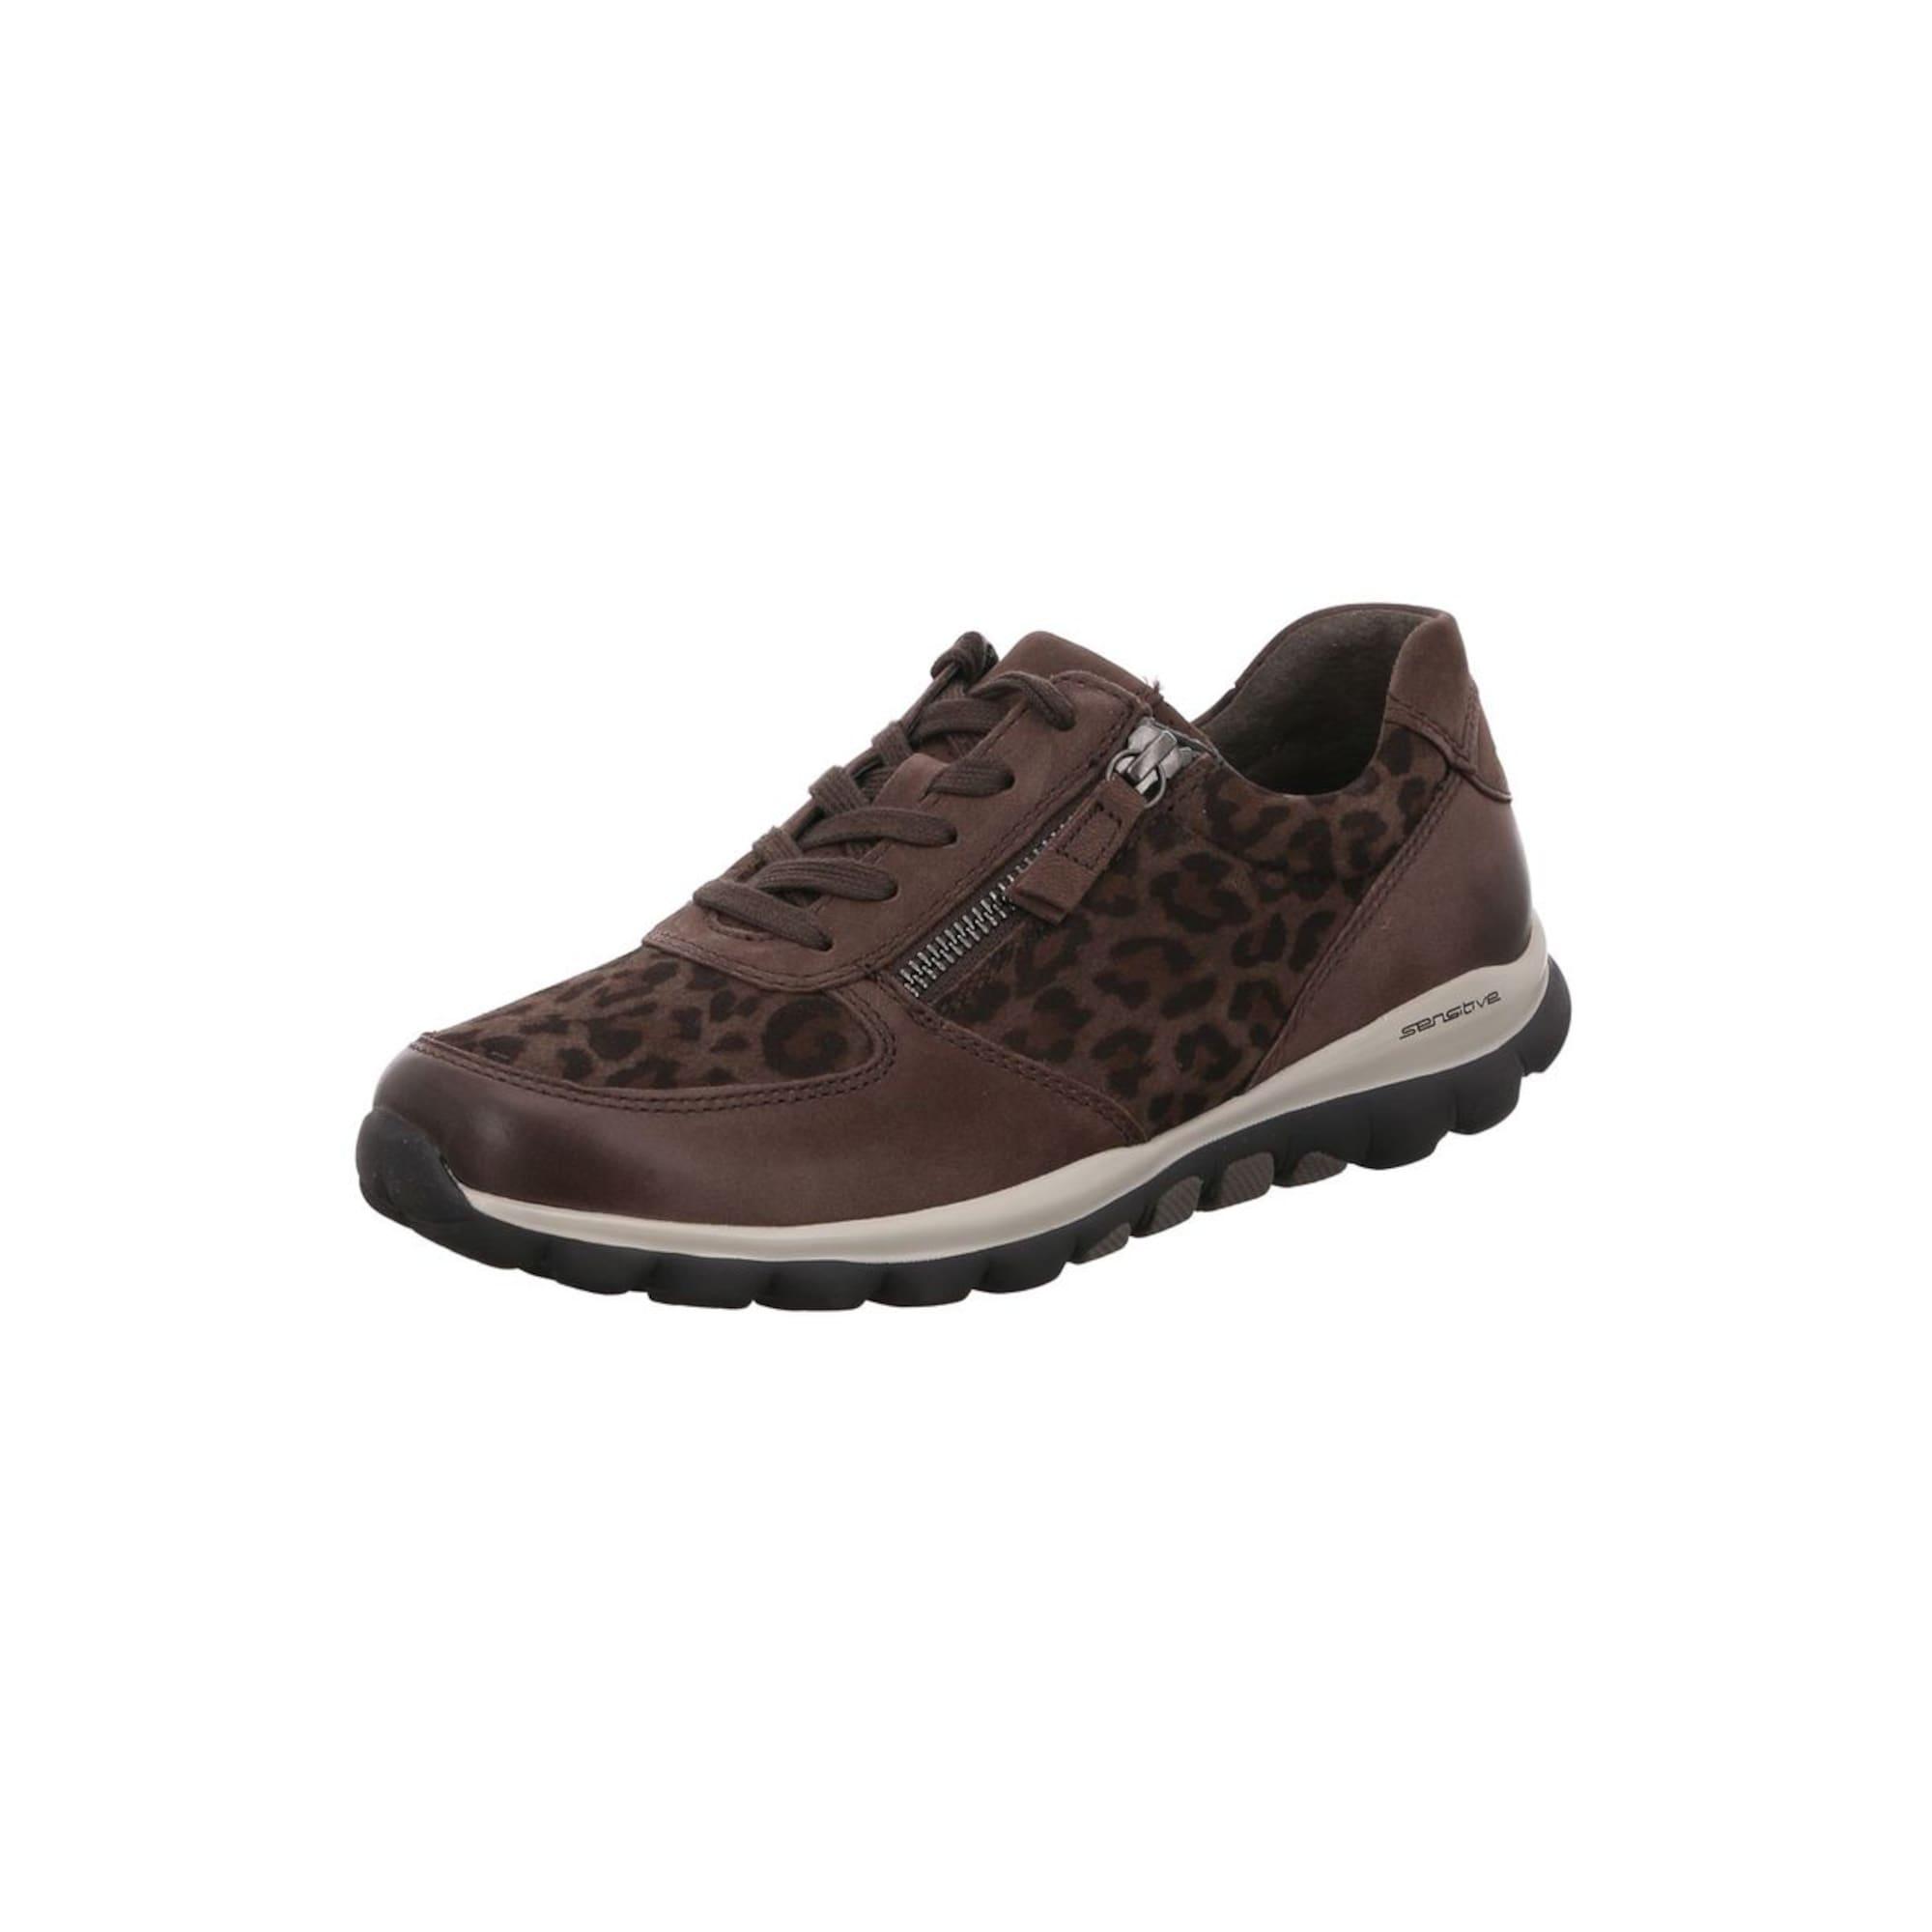 Schnürschuhe   Schuhe > Schnürschuhe   Dunkelbraun   Gabor